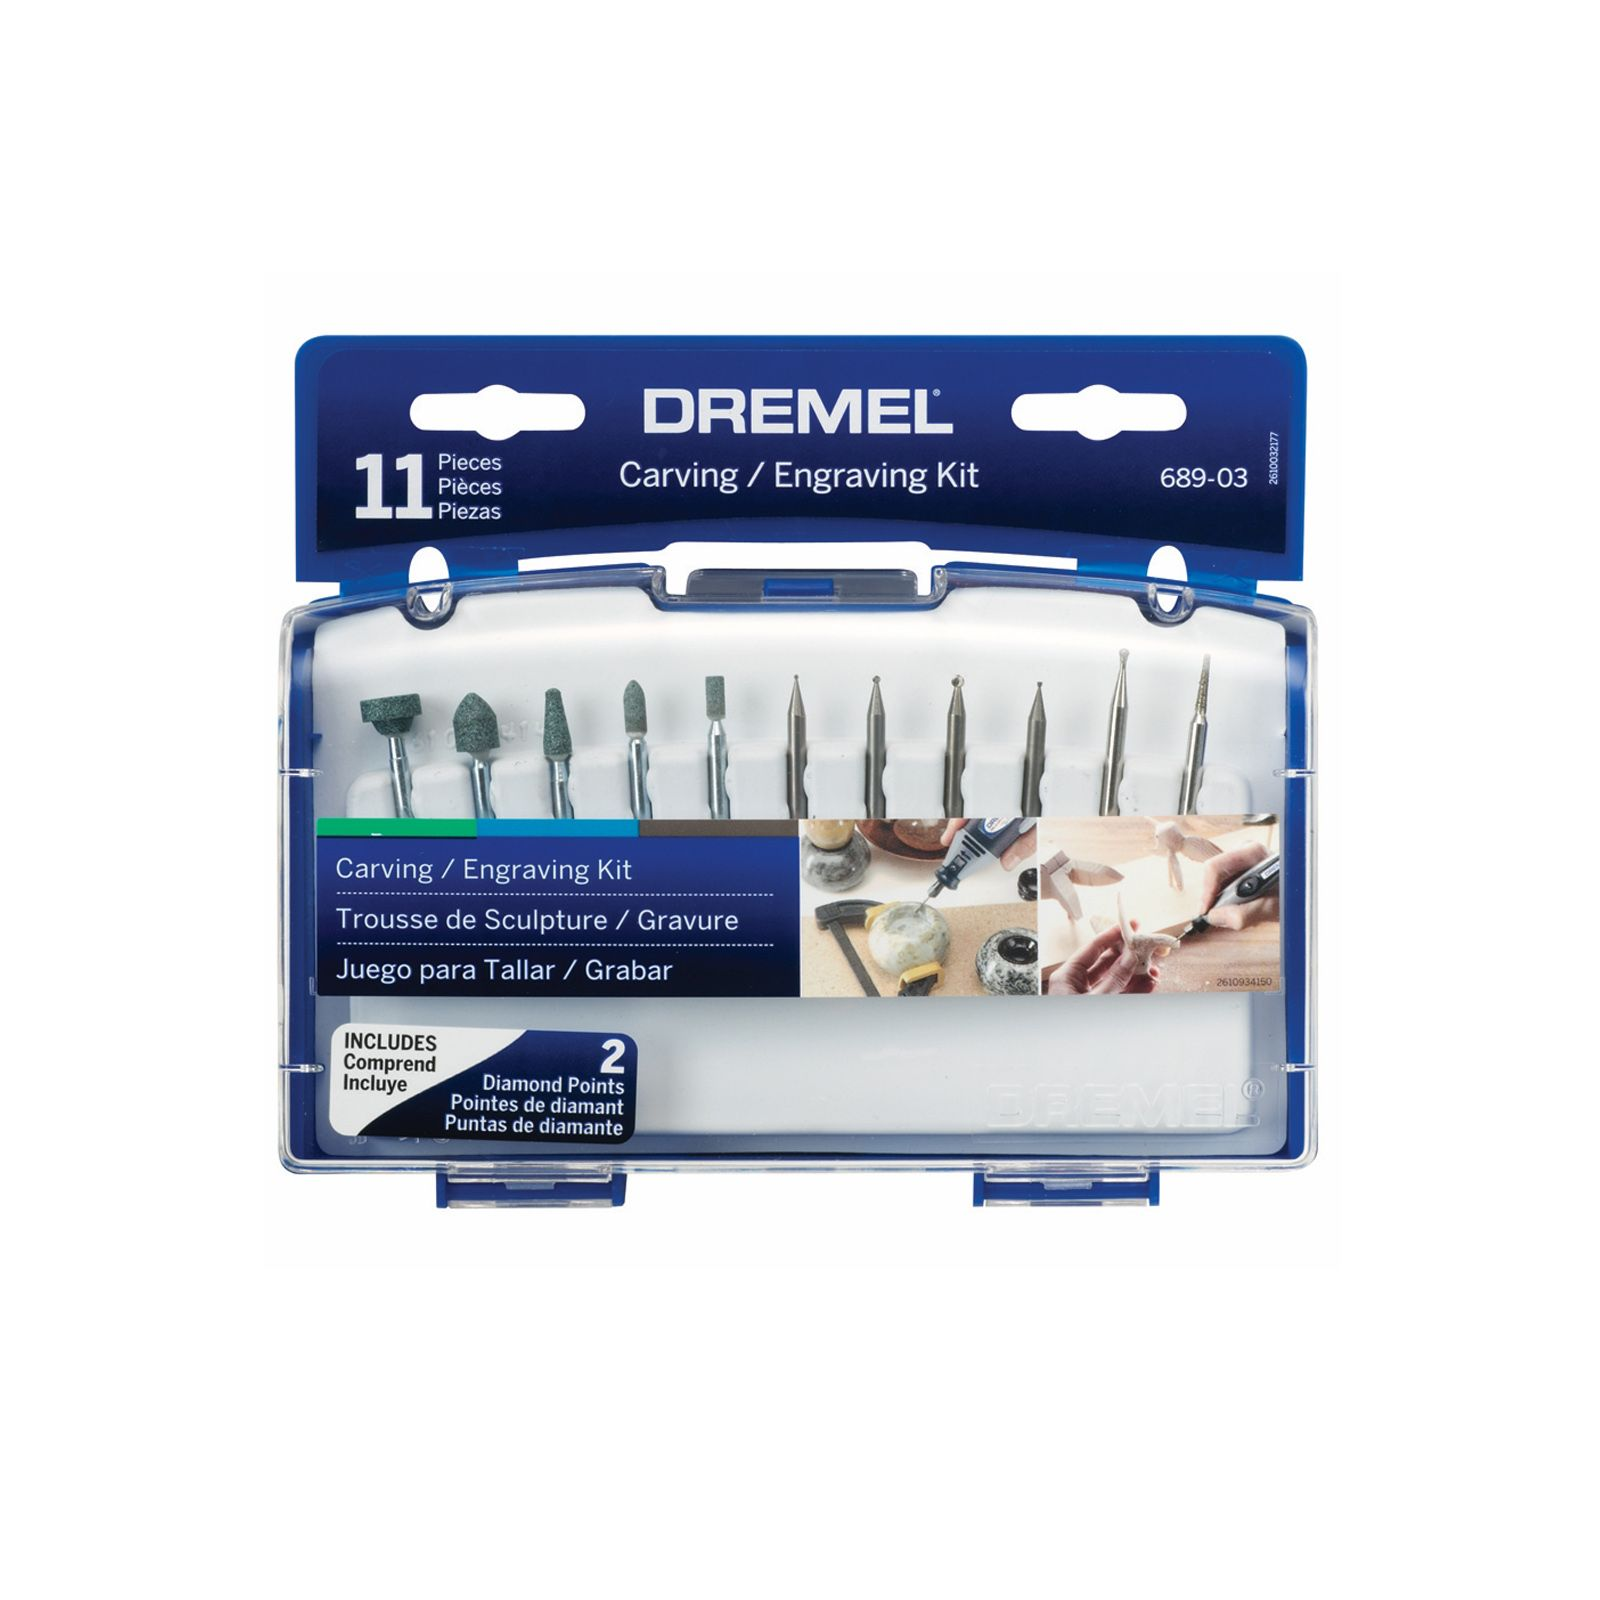 Dremel 689 11pc Carving Engraving Kit Bunnings Warehouse Mesin Gergaji Scroll Saw Moto Ms20 01